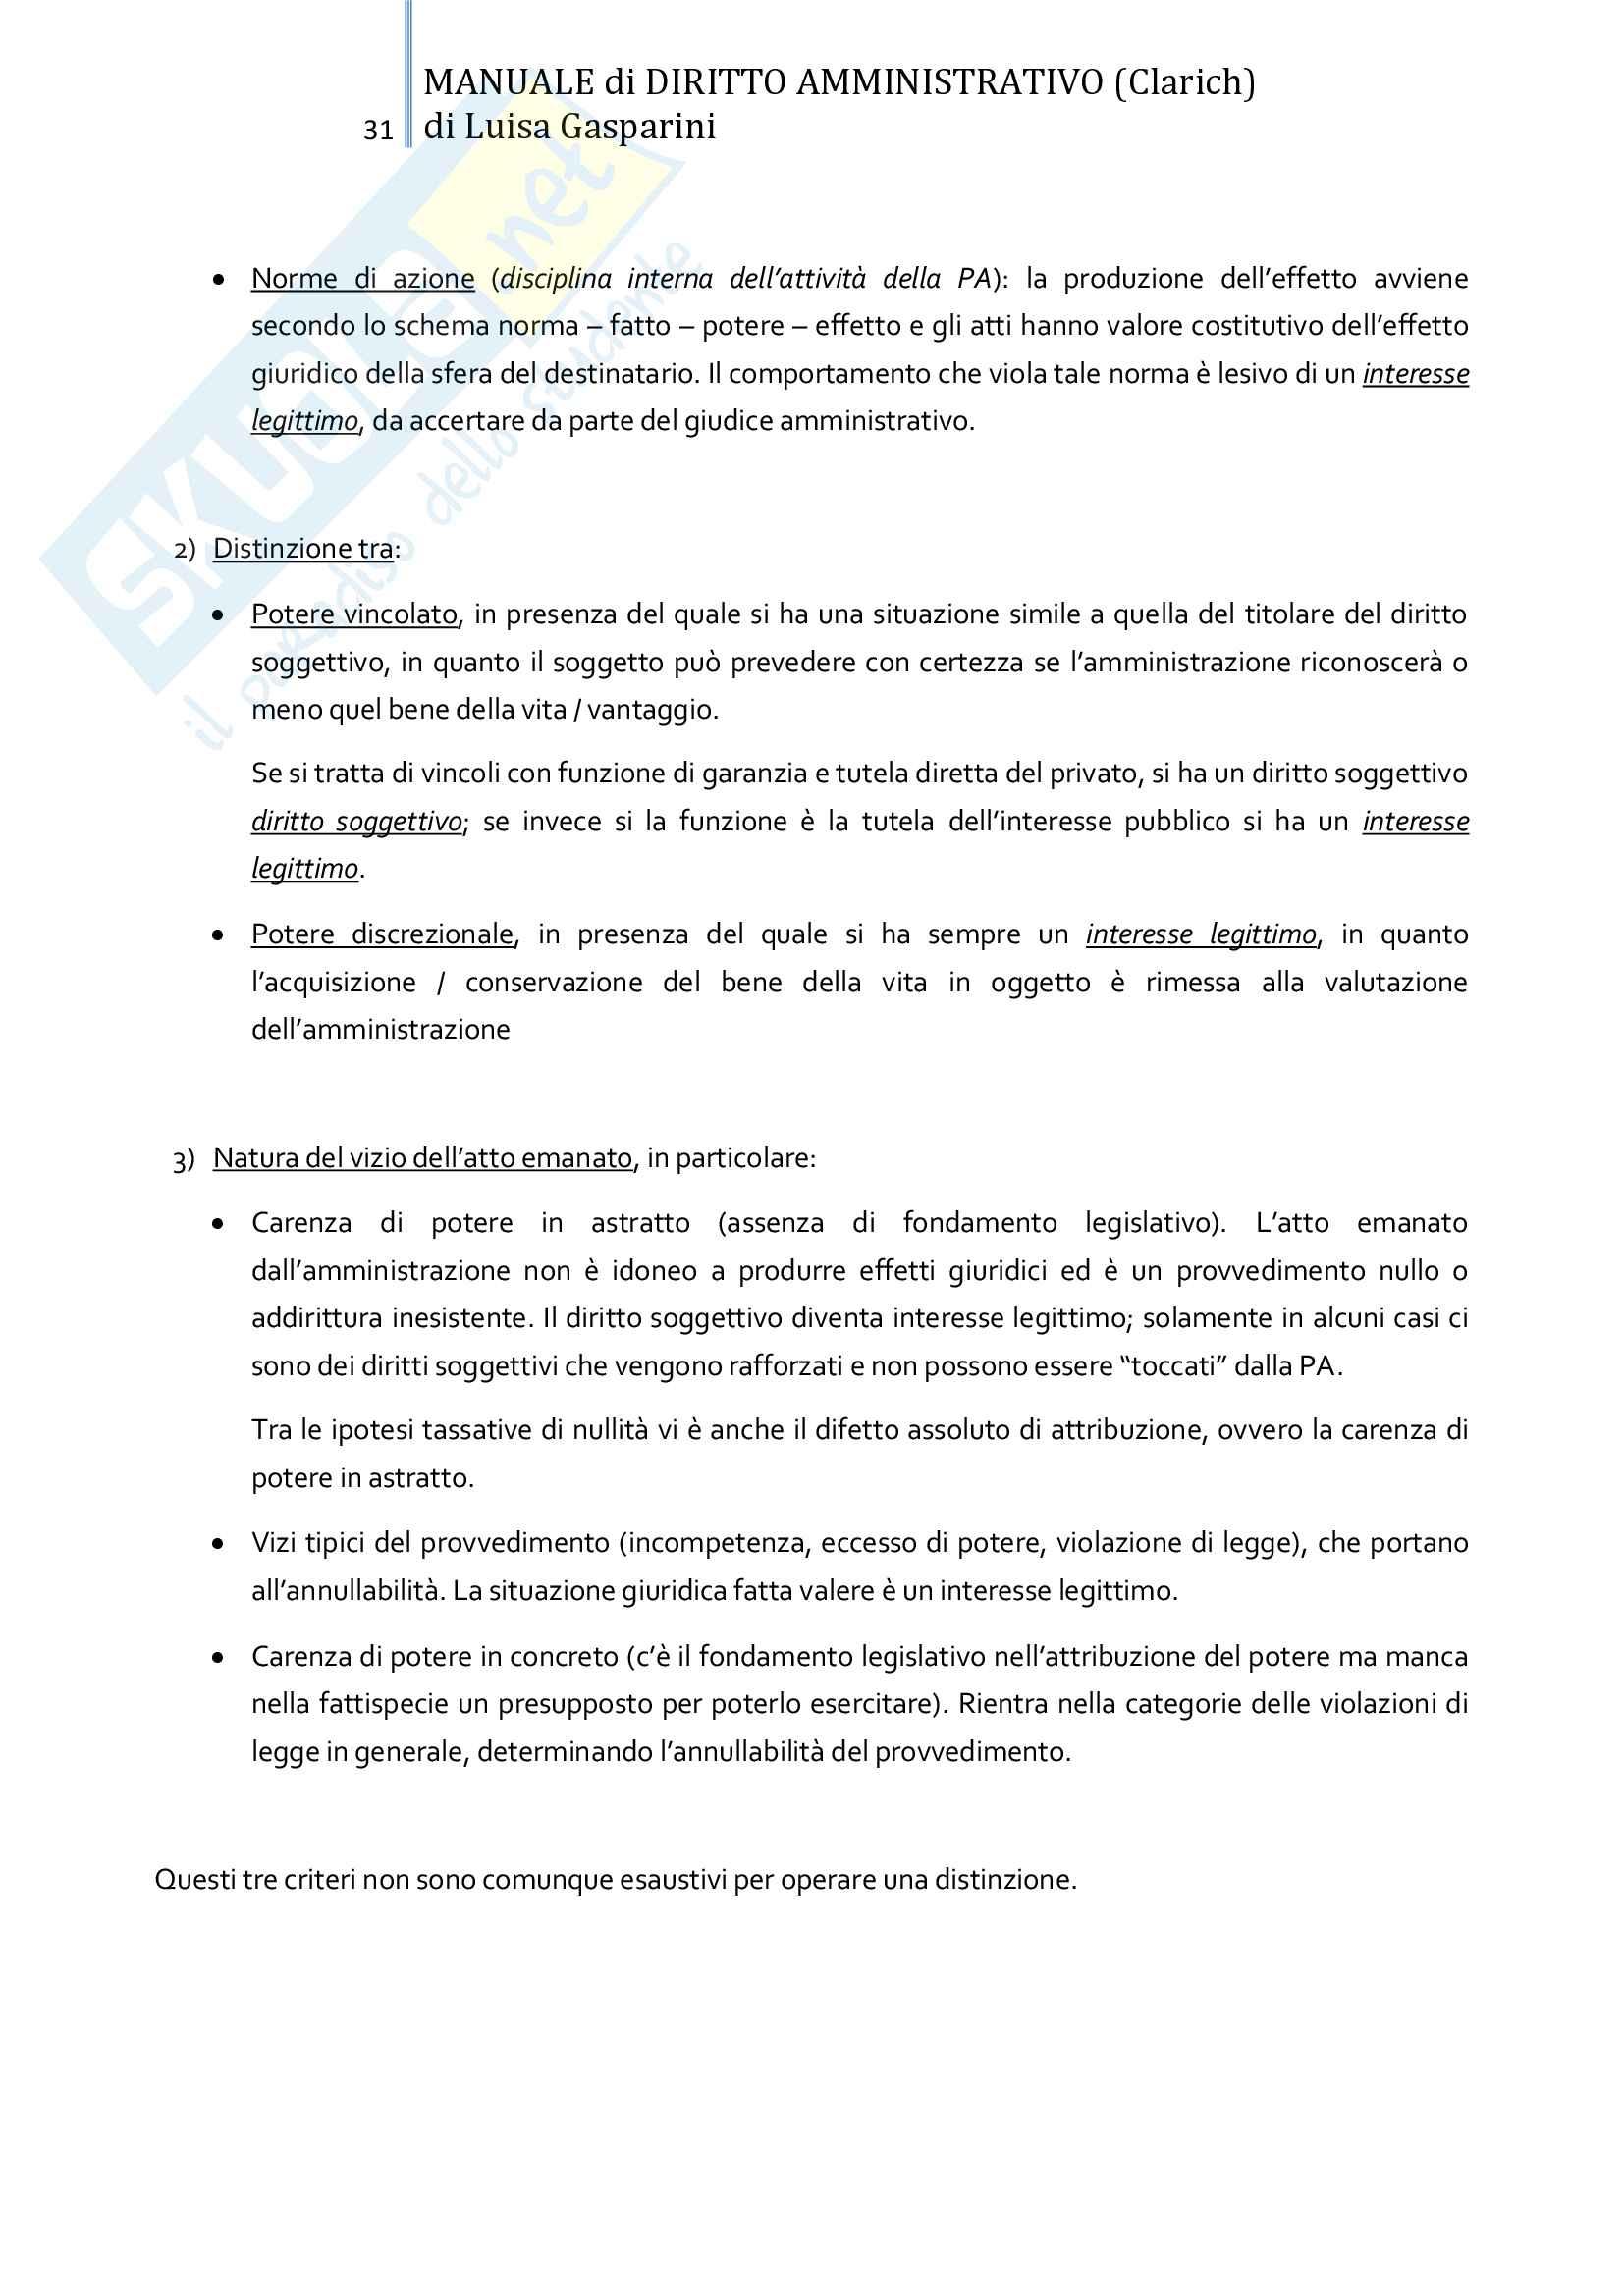 Riassunto esame Diritto amministrativo, professor Leonardi. Testo consigliato Manuale di Diritto Amministrativo, Clarich Pag. 31